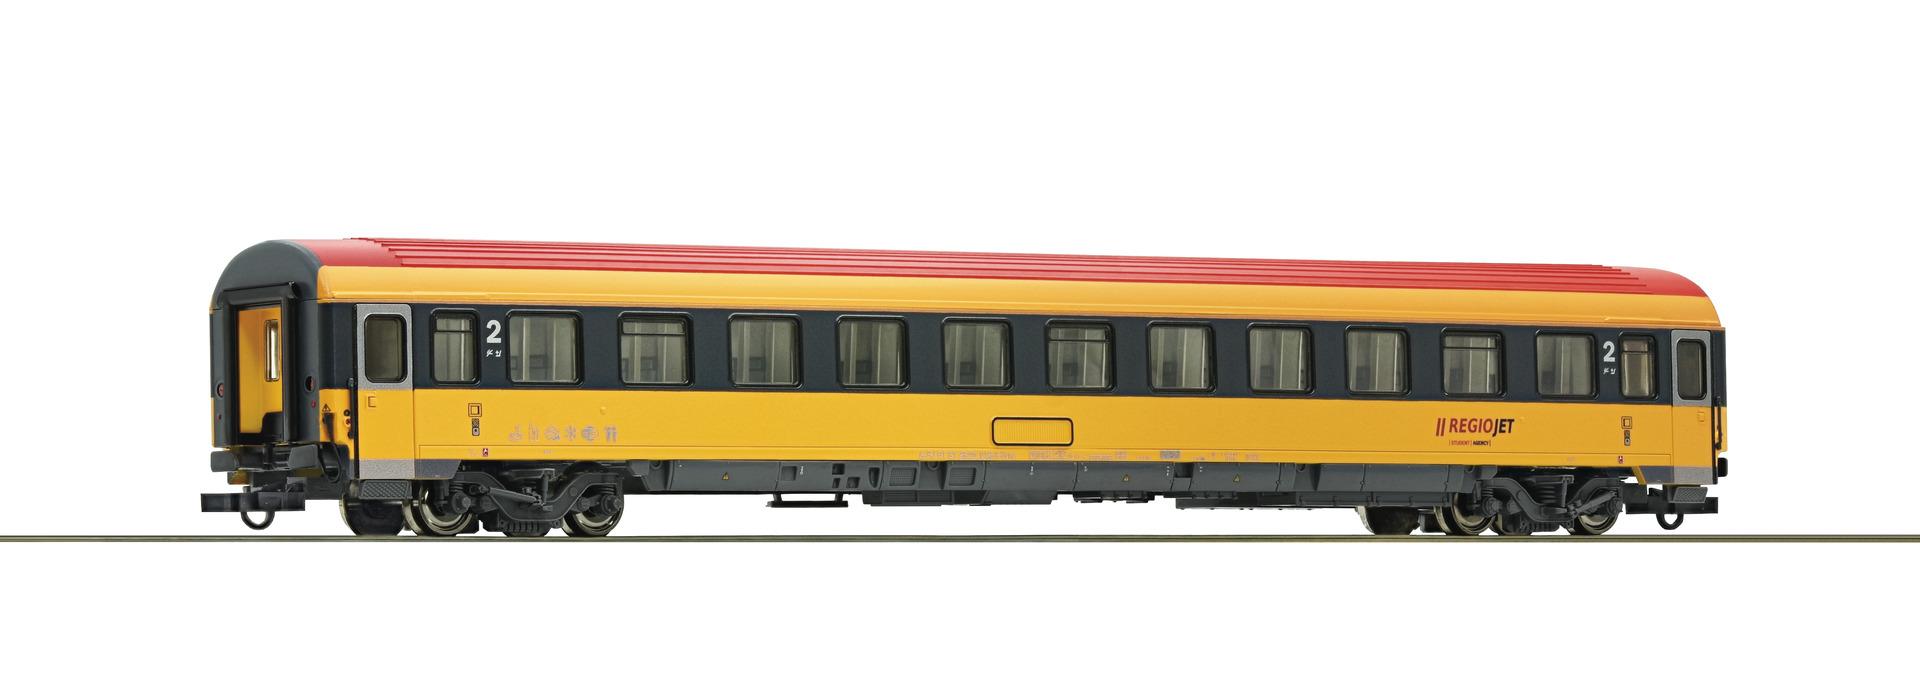 Roco74337 Regiojet coach